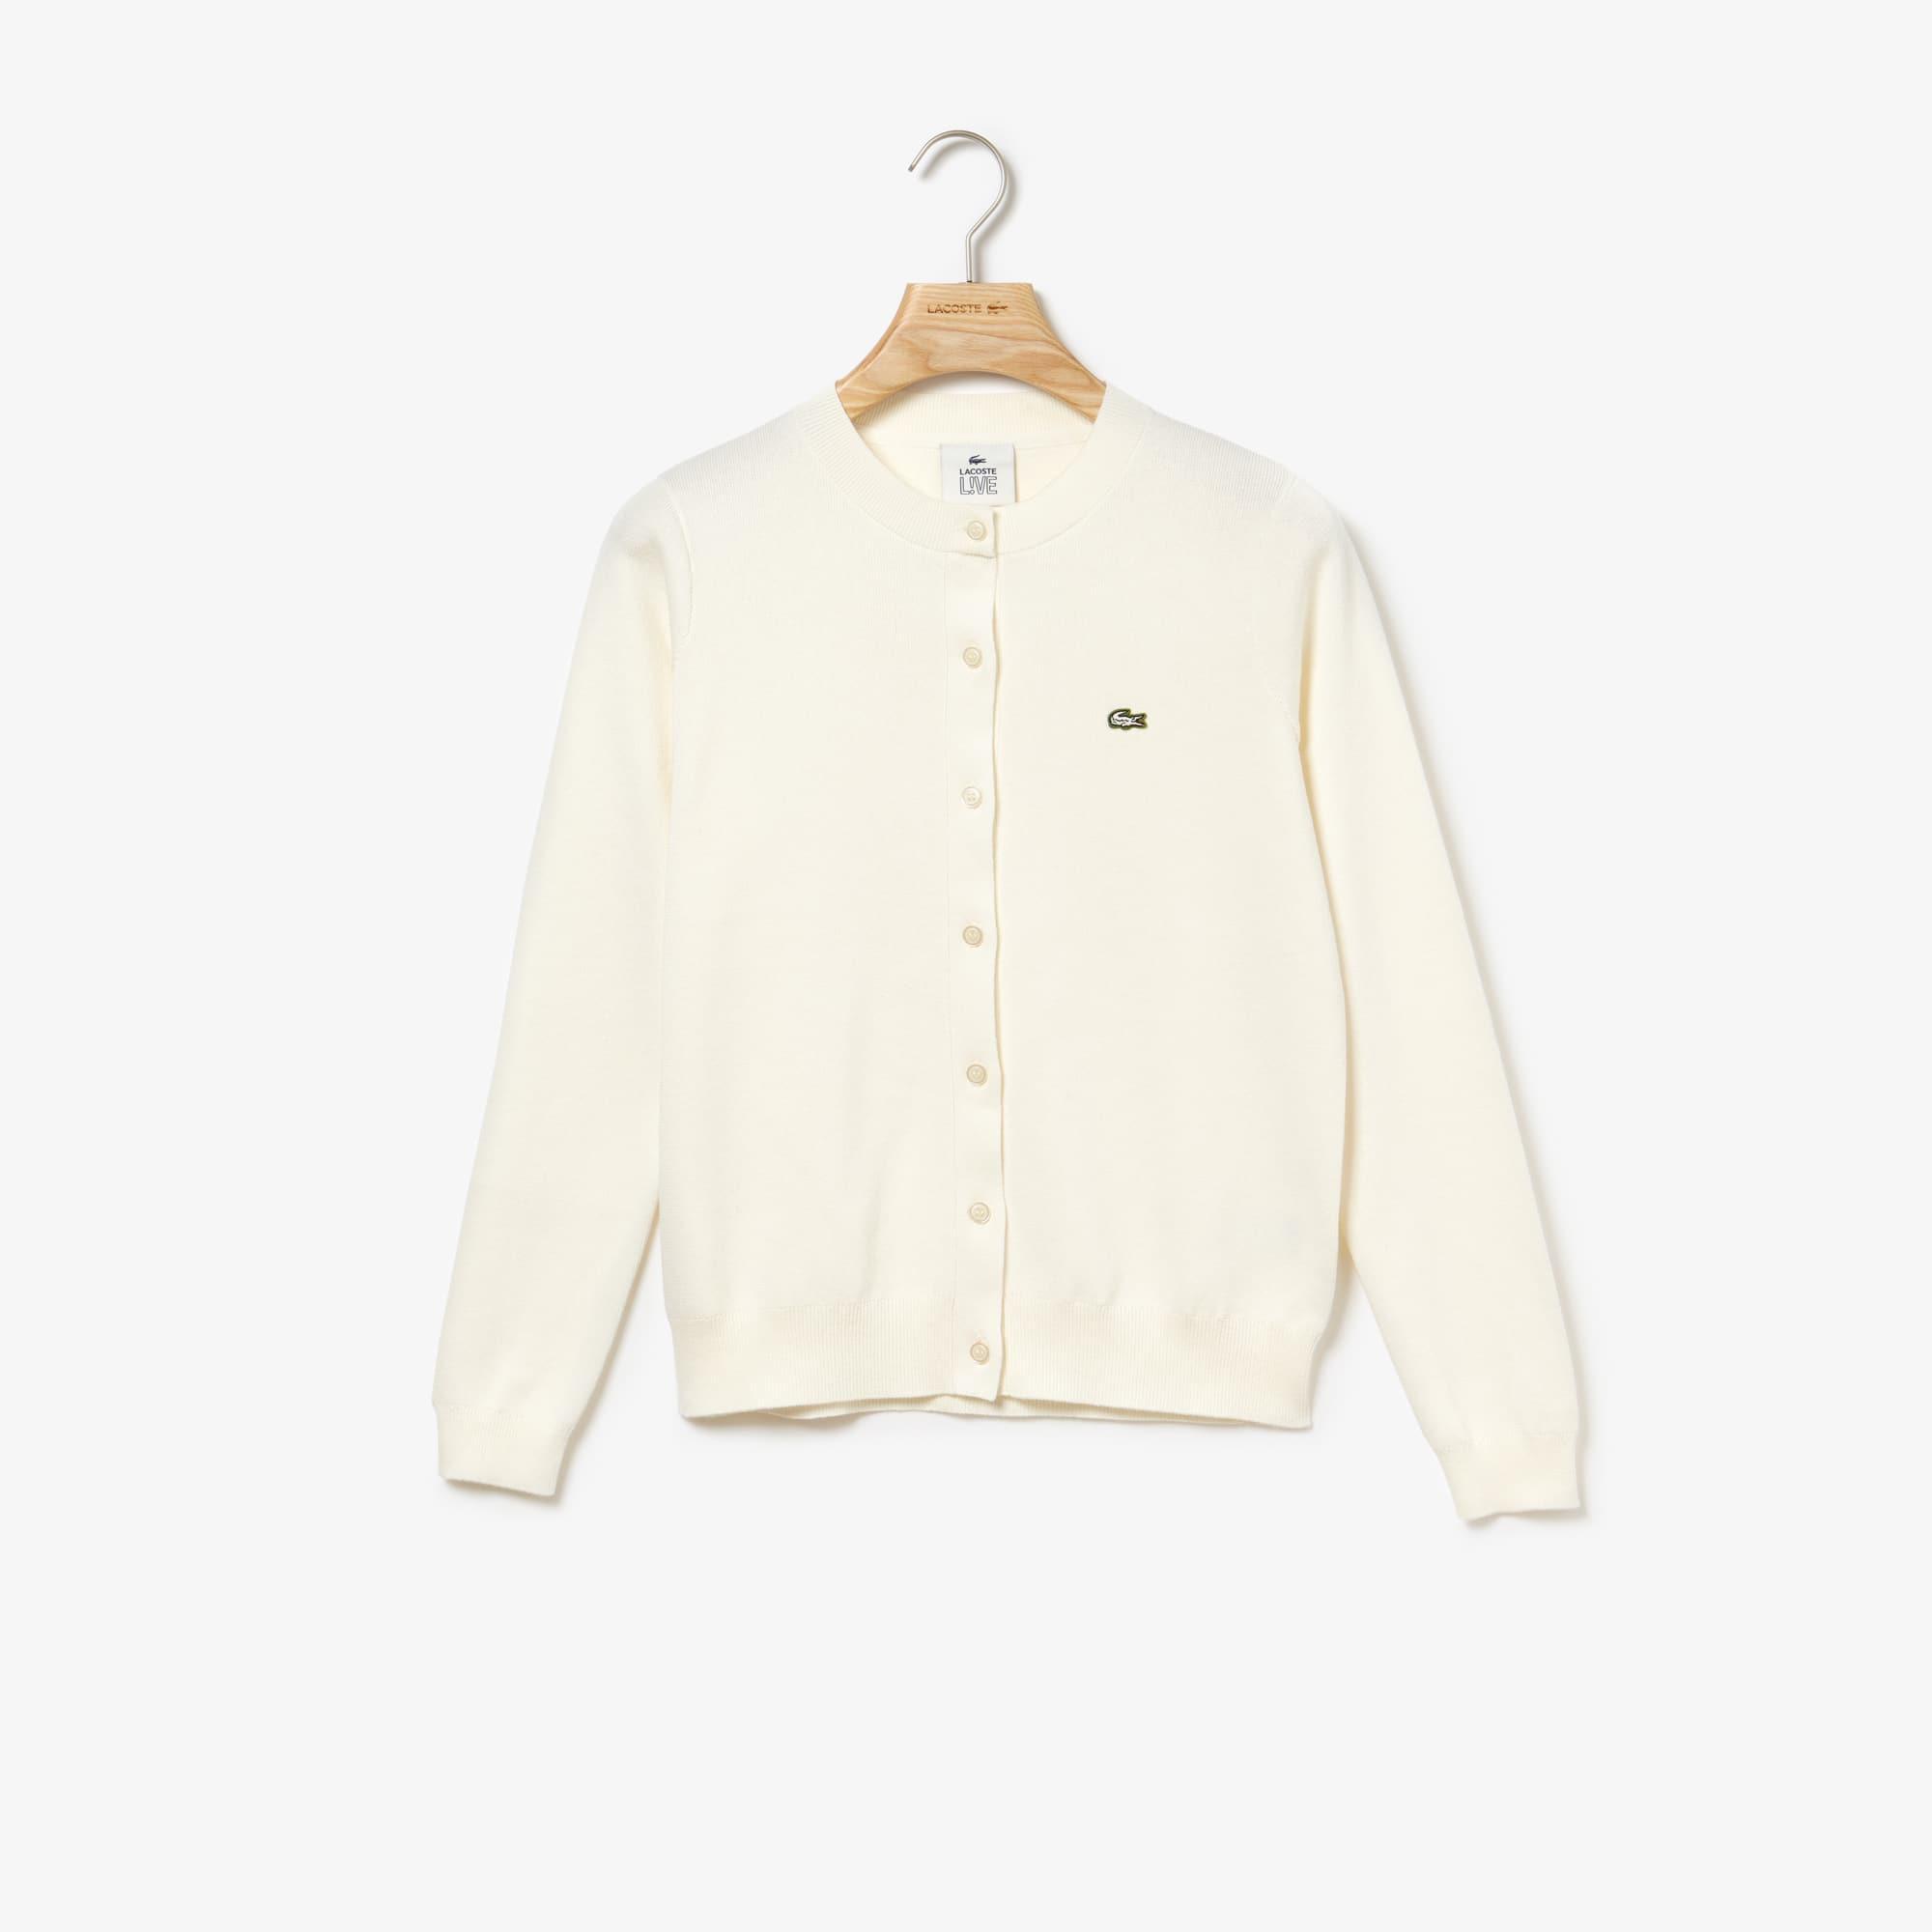 Sweats Femme Lacoste Pulls Femme Vêtements 1HqRg45wR